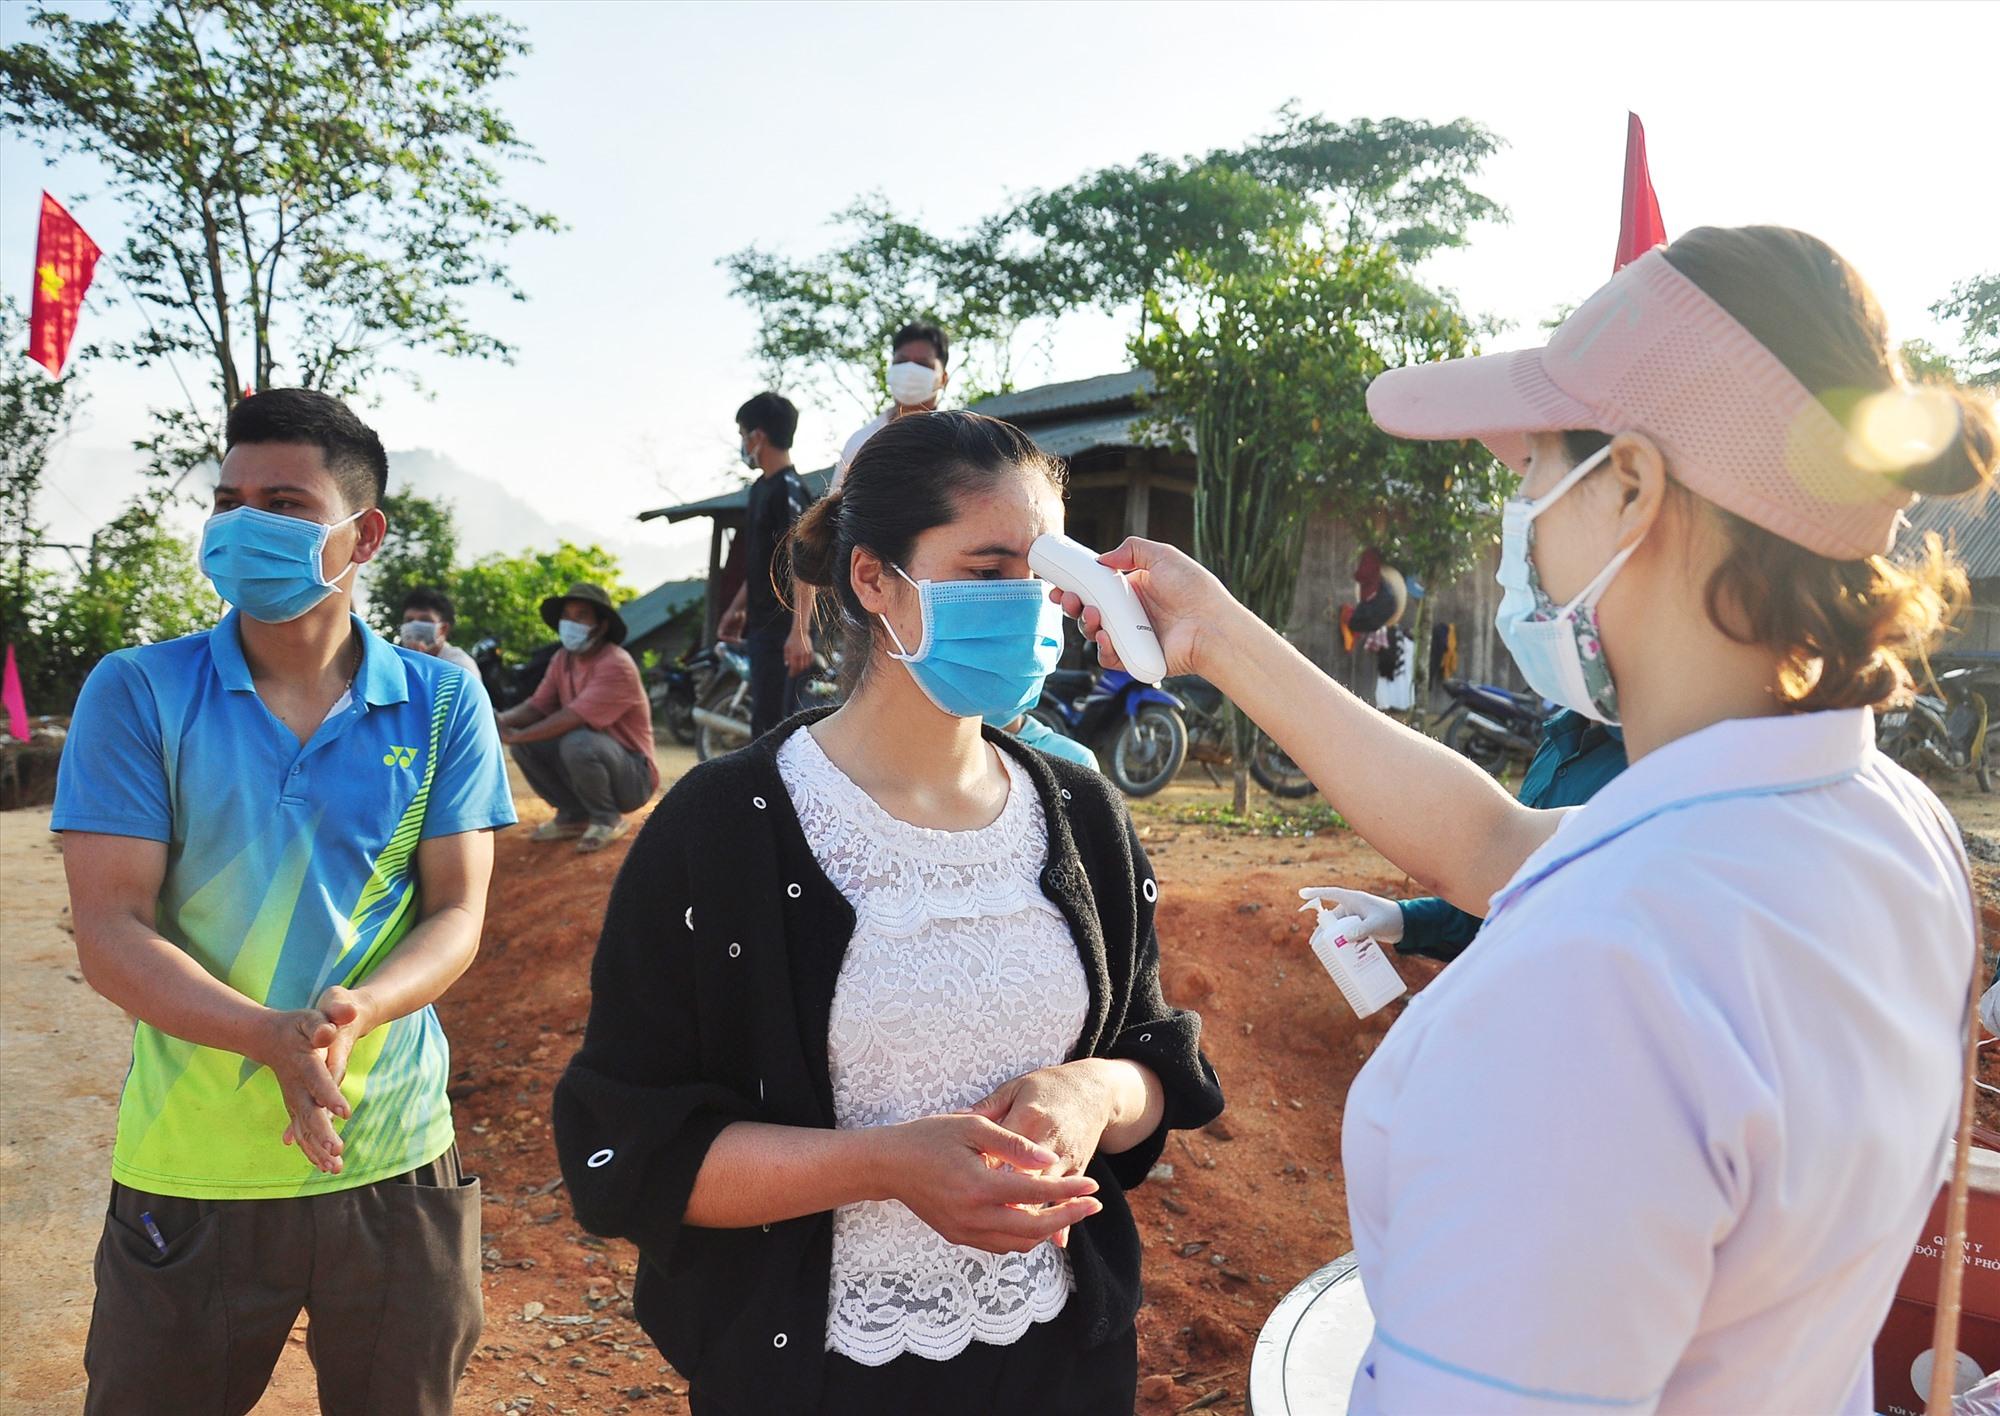 Công tác đảm bảo an toàn phòng chống dịch Covid-19 đã được thực hiện tốt tại các điểm bầu cử sớm ở vùng biên Nam Giang vào cuối tuần qua. Ảnh: VINH ANH